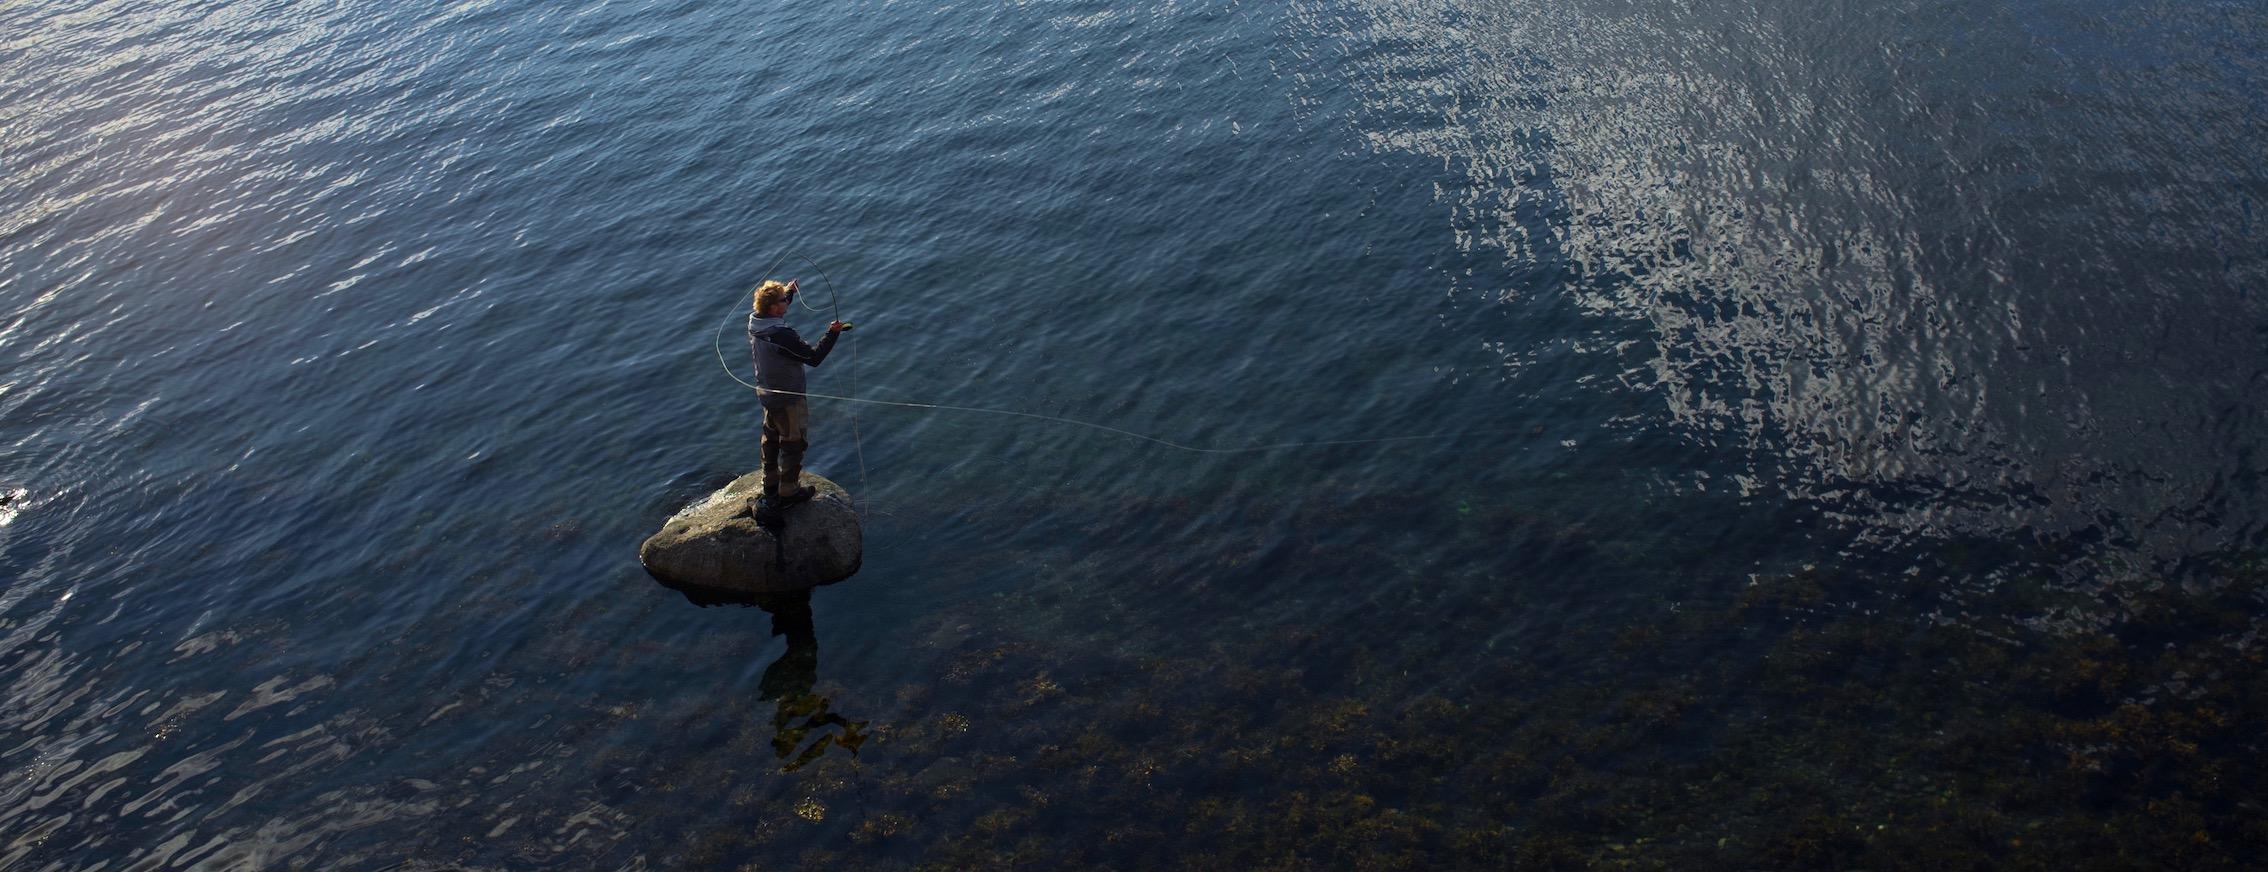 Meerforellen Fliegenfischen in der Ostsee